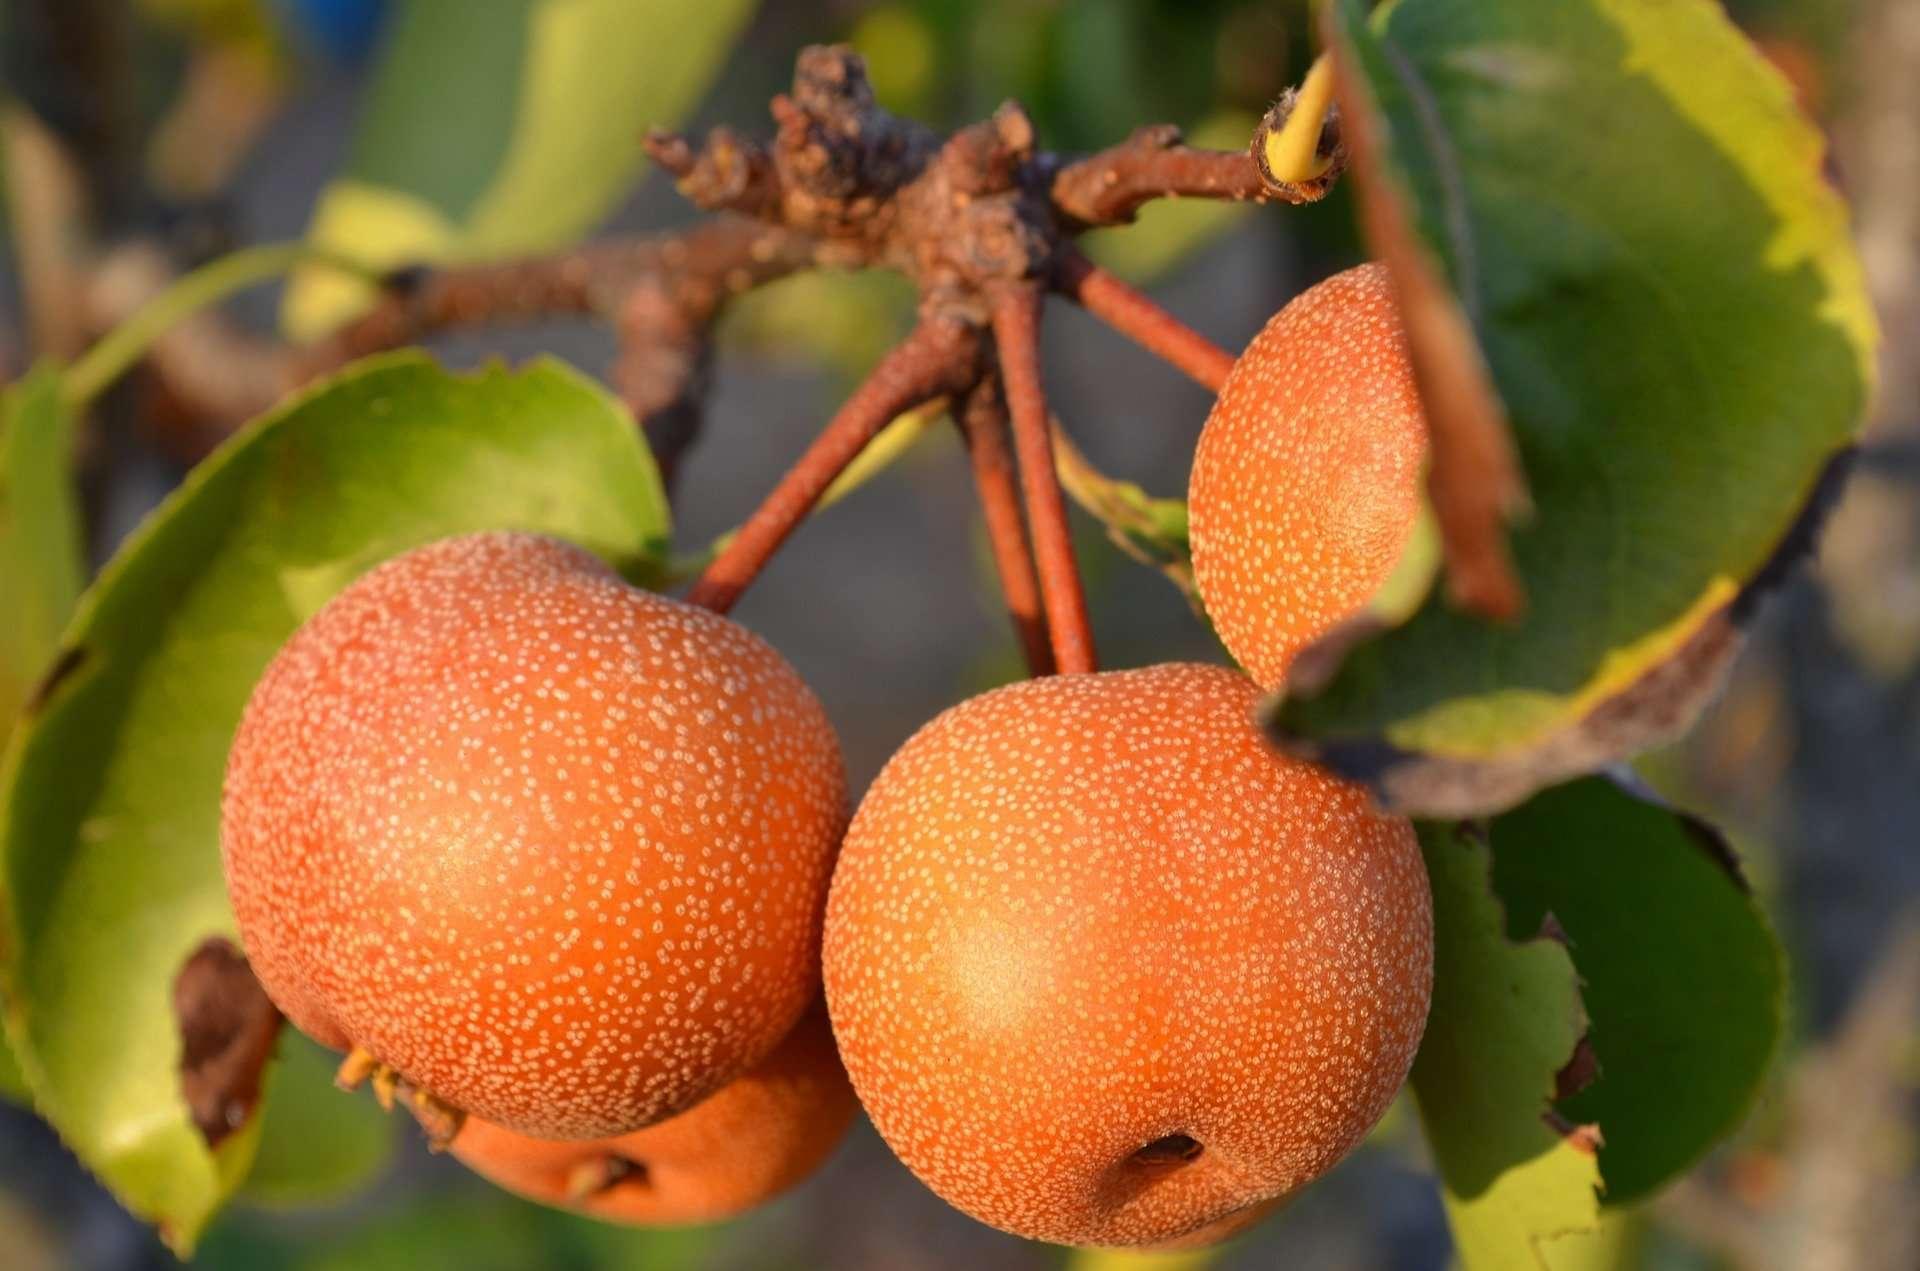 Pear picking Higashimatsuyama Saitama Japan 2020